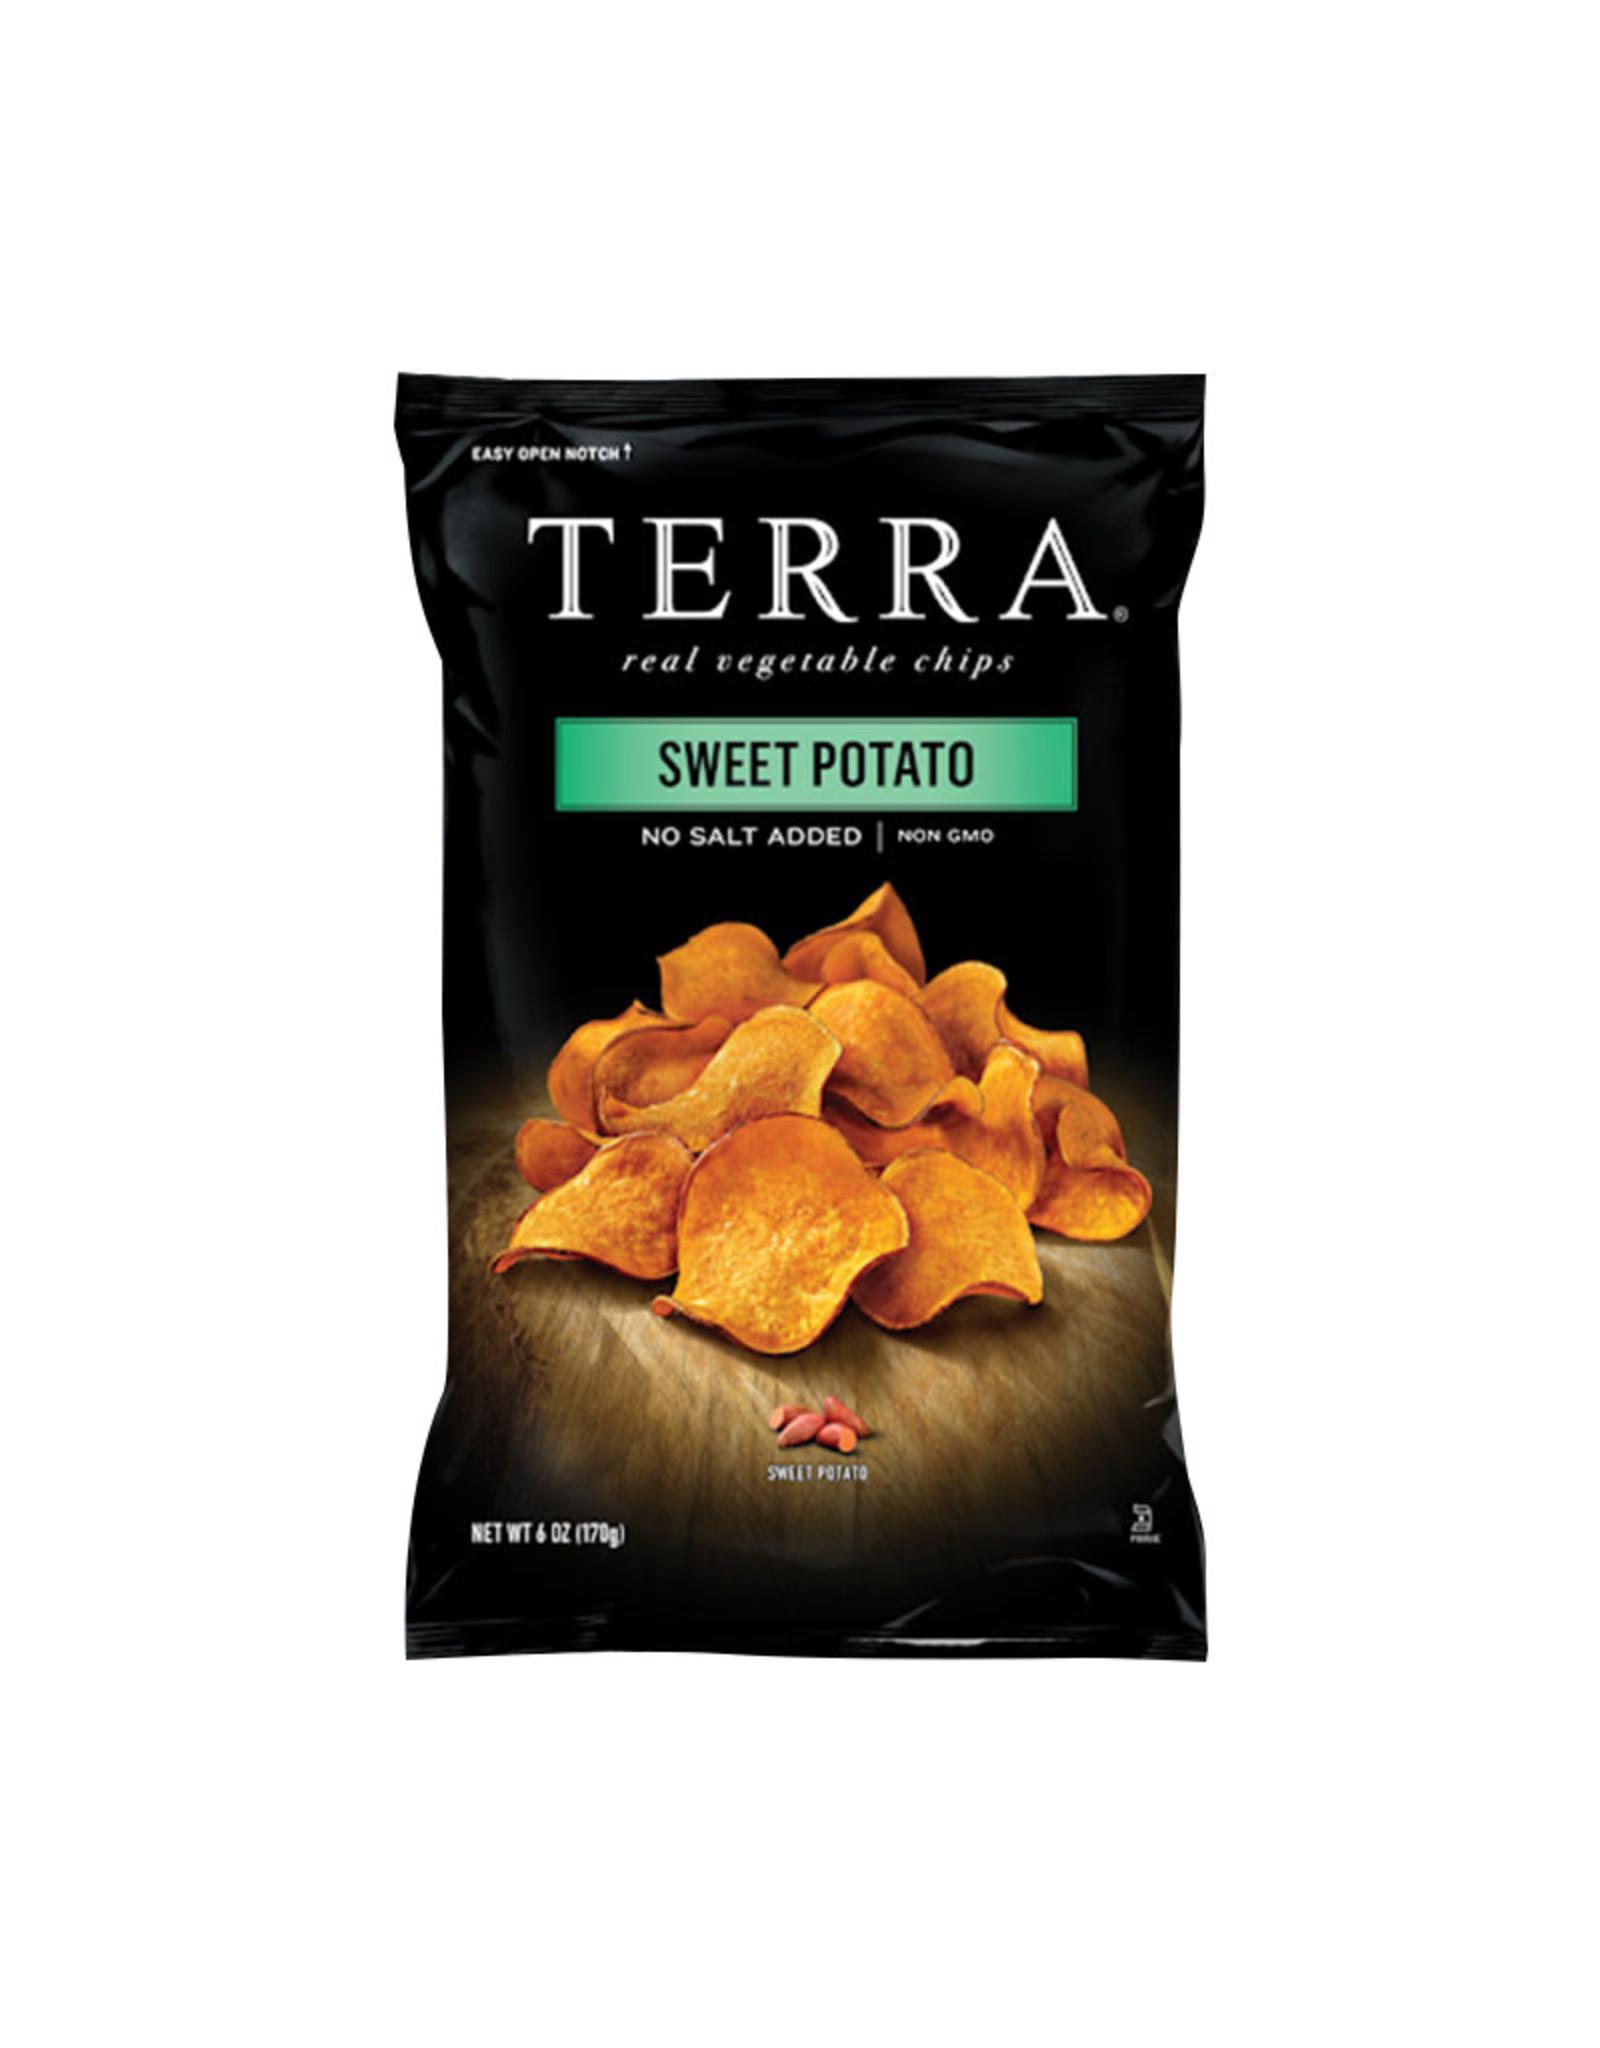 Terra Chips Terra Chips - Plain Sweet Potato (170g)